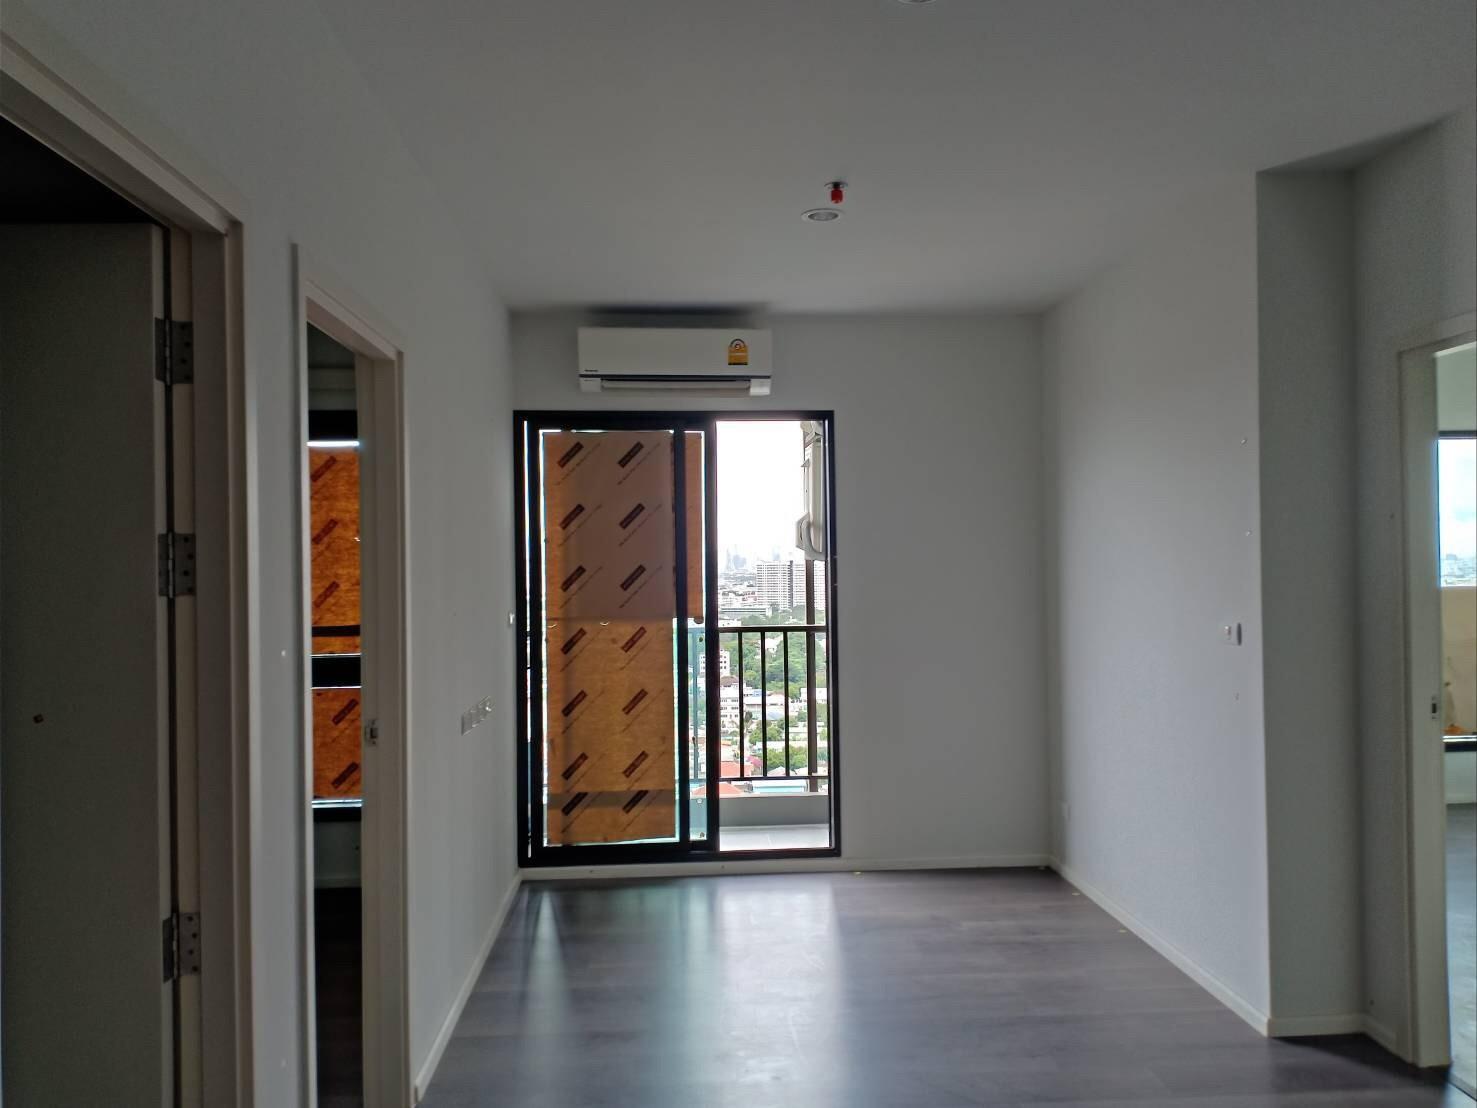 ขายคอนโดใหม่ใกล้รถไฟฟ้า The Stage Taopoon-interchange  2 ห้องนอน